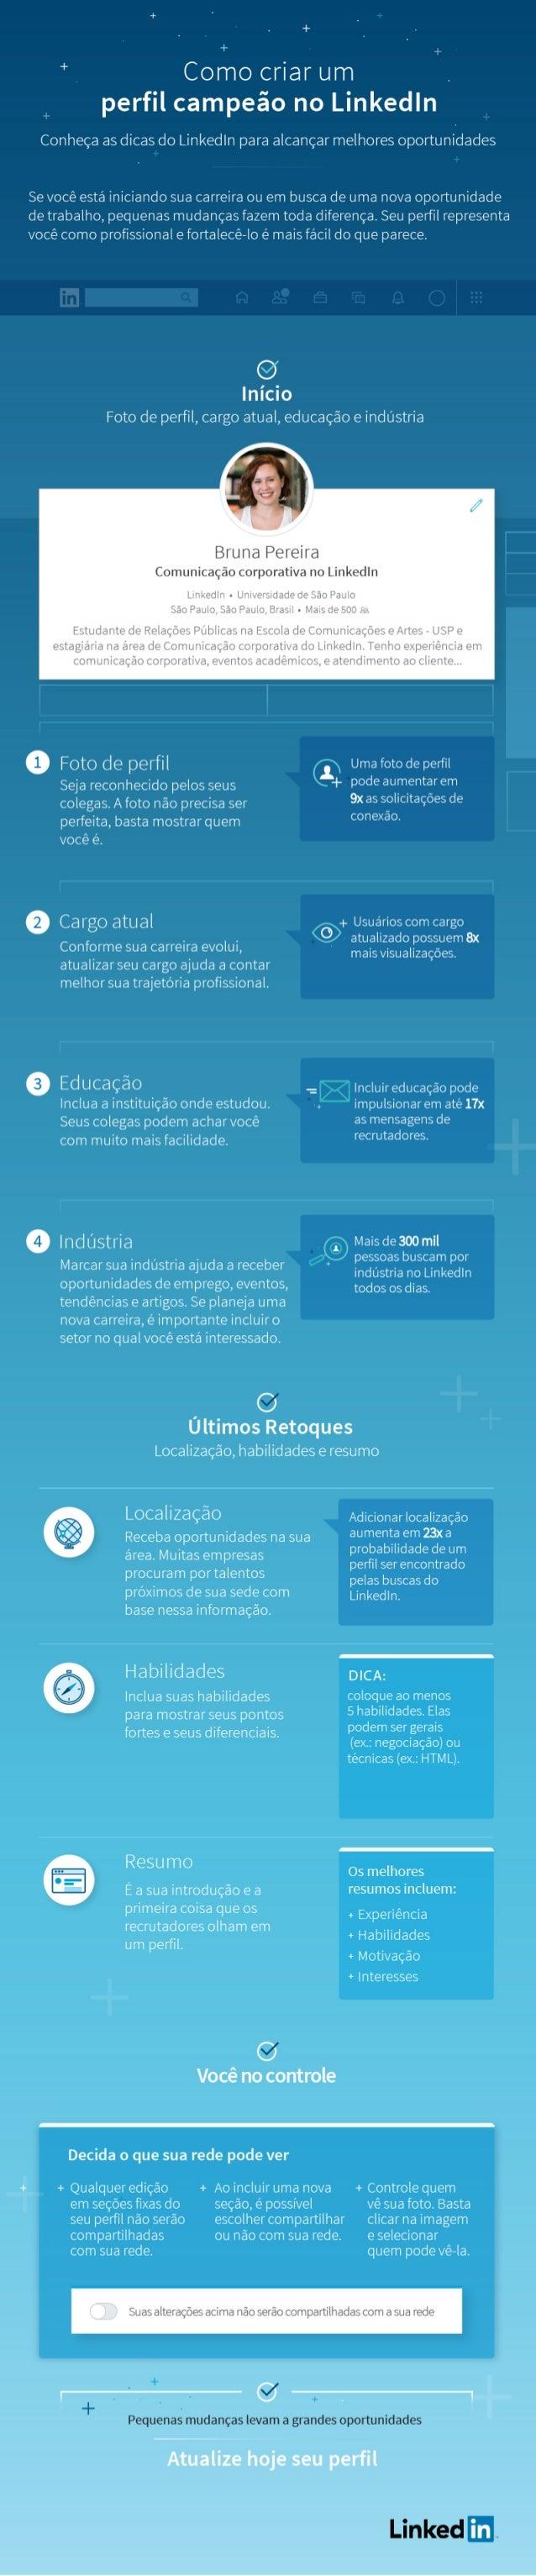 Infográfico | Como criar um perfil campeão